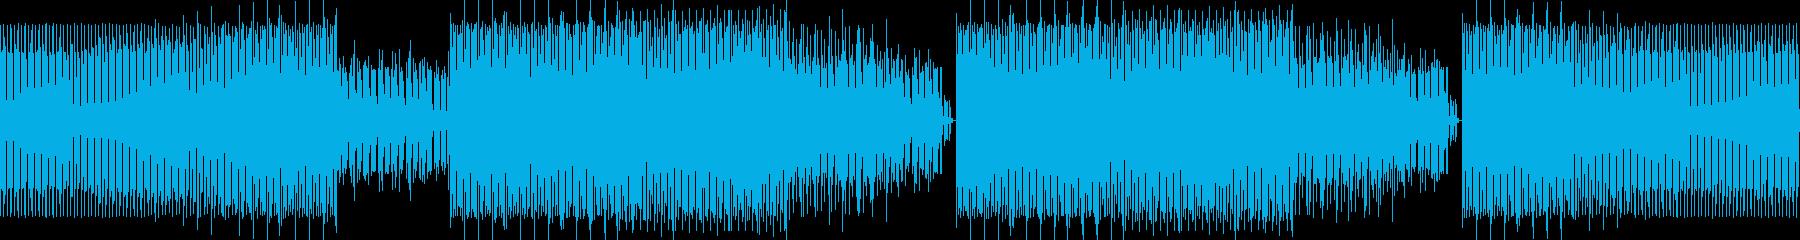 コマーシャルハウスの再生済みの波形